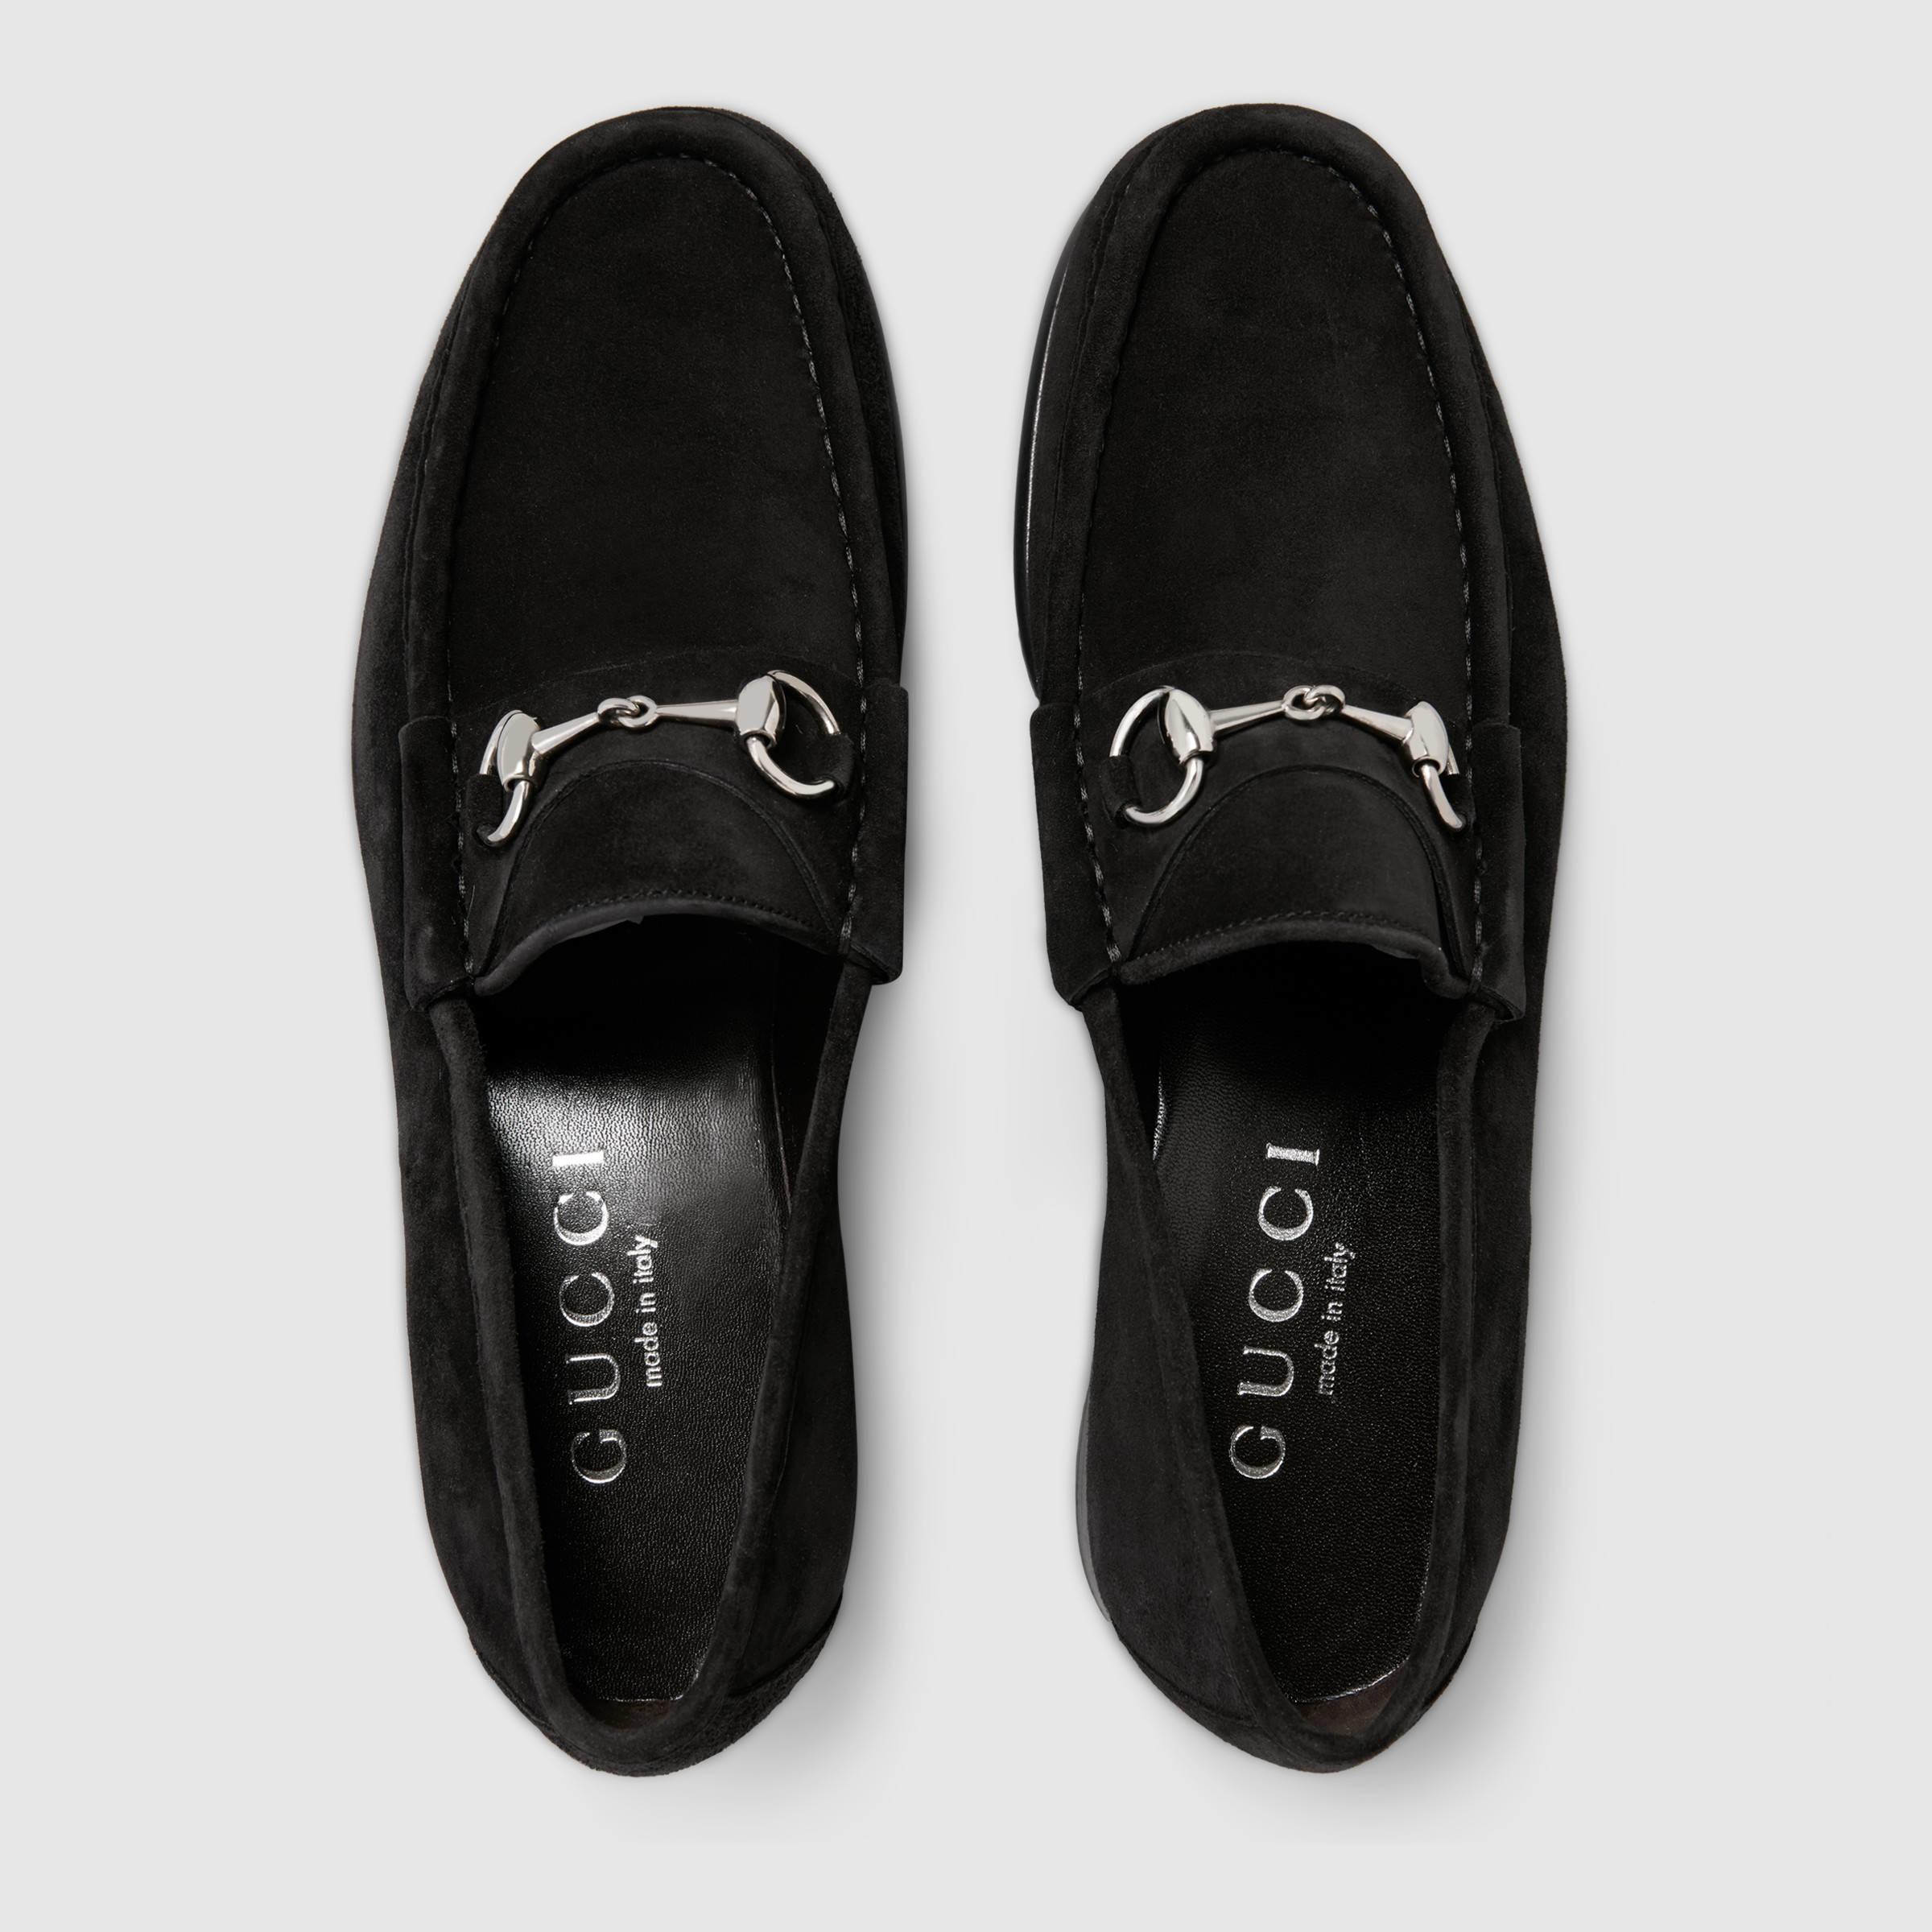 83d17e5bcec Gucci Mens Black Horsebit Loafers